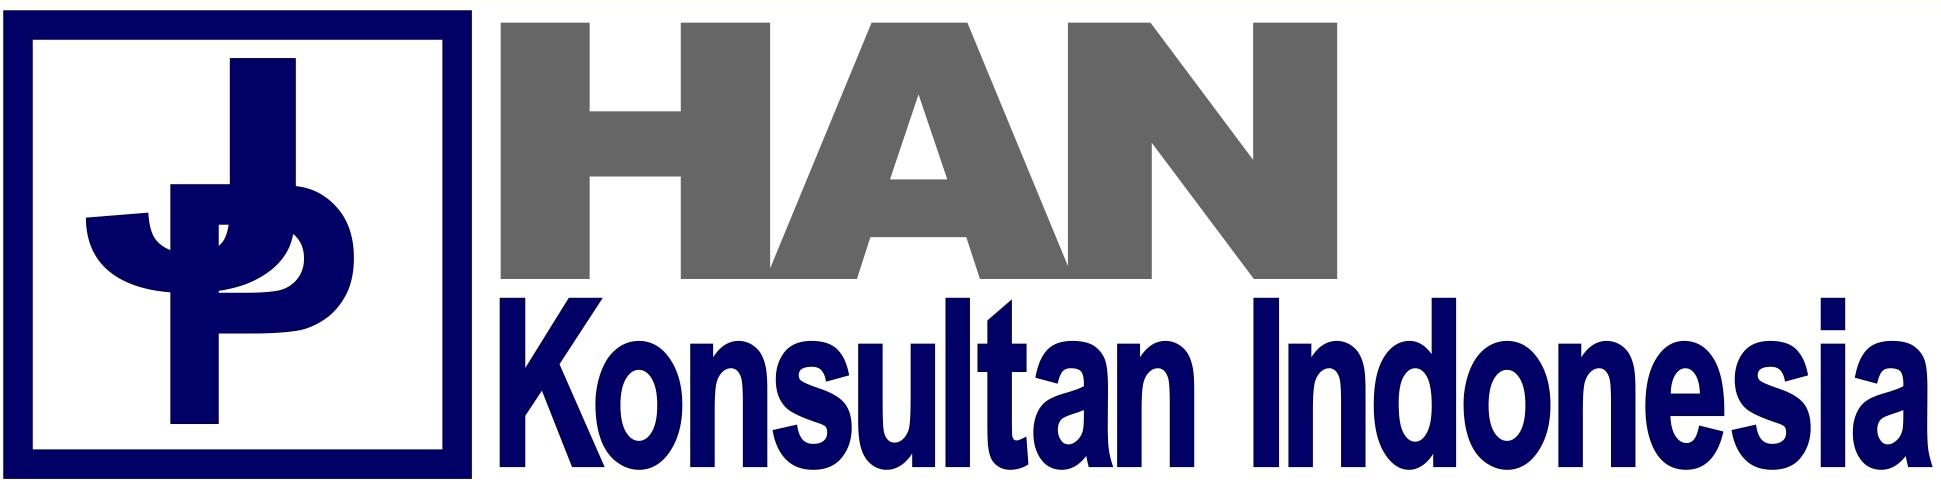 JPHAN Konsultan Indonesia